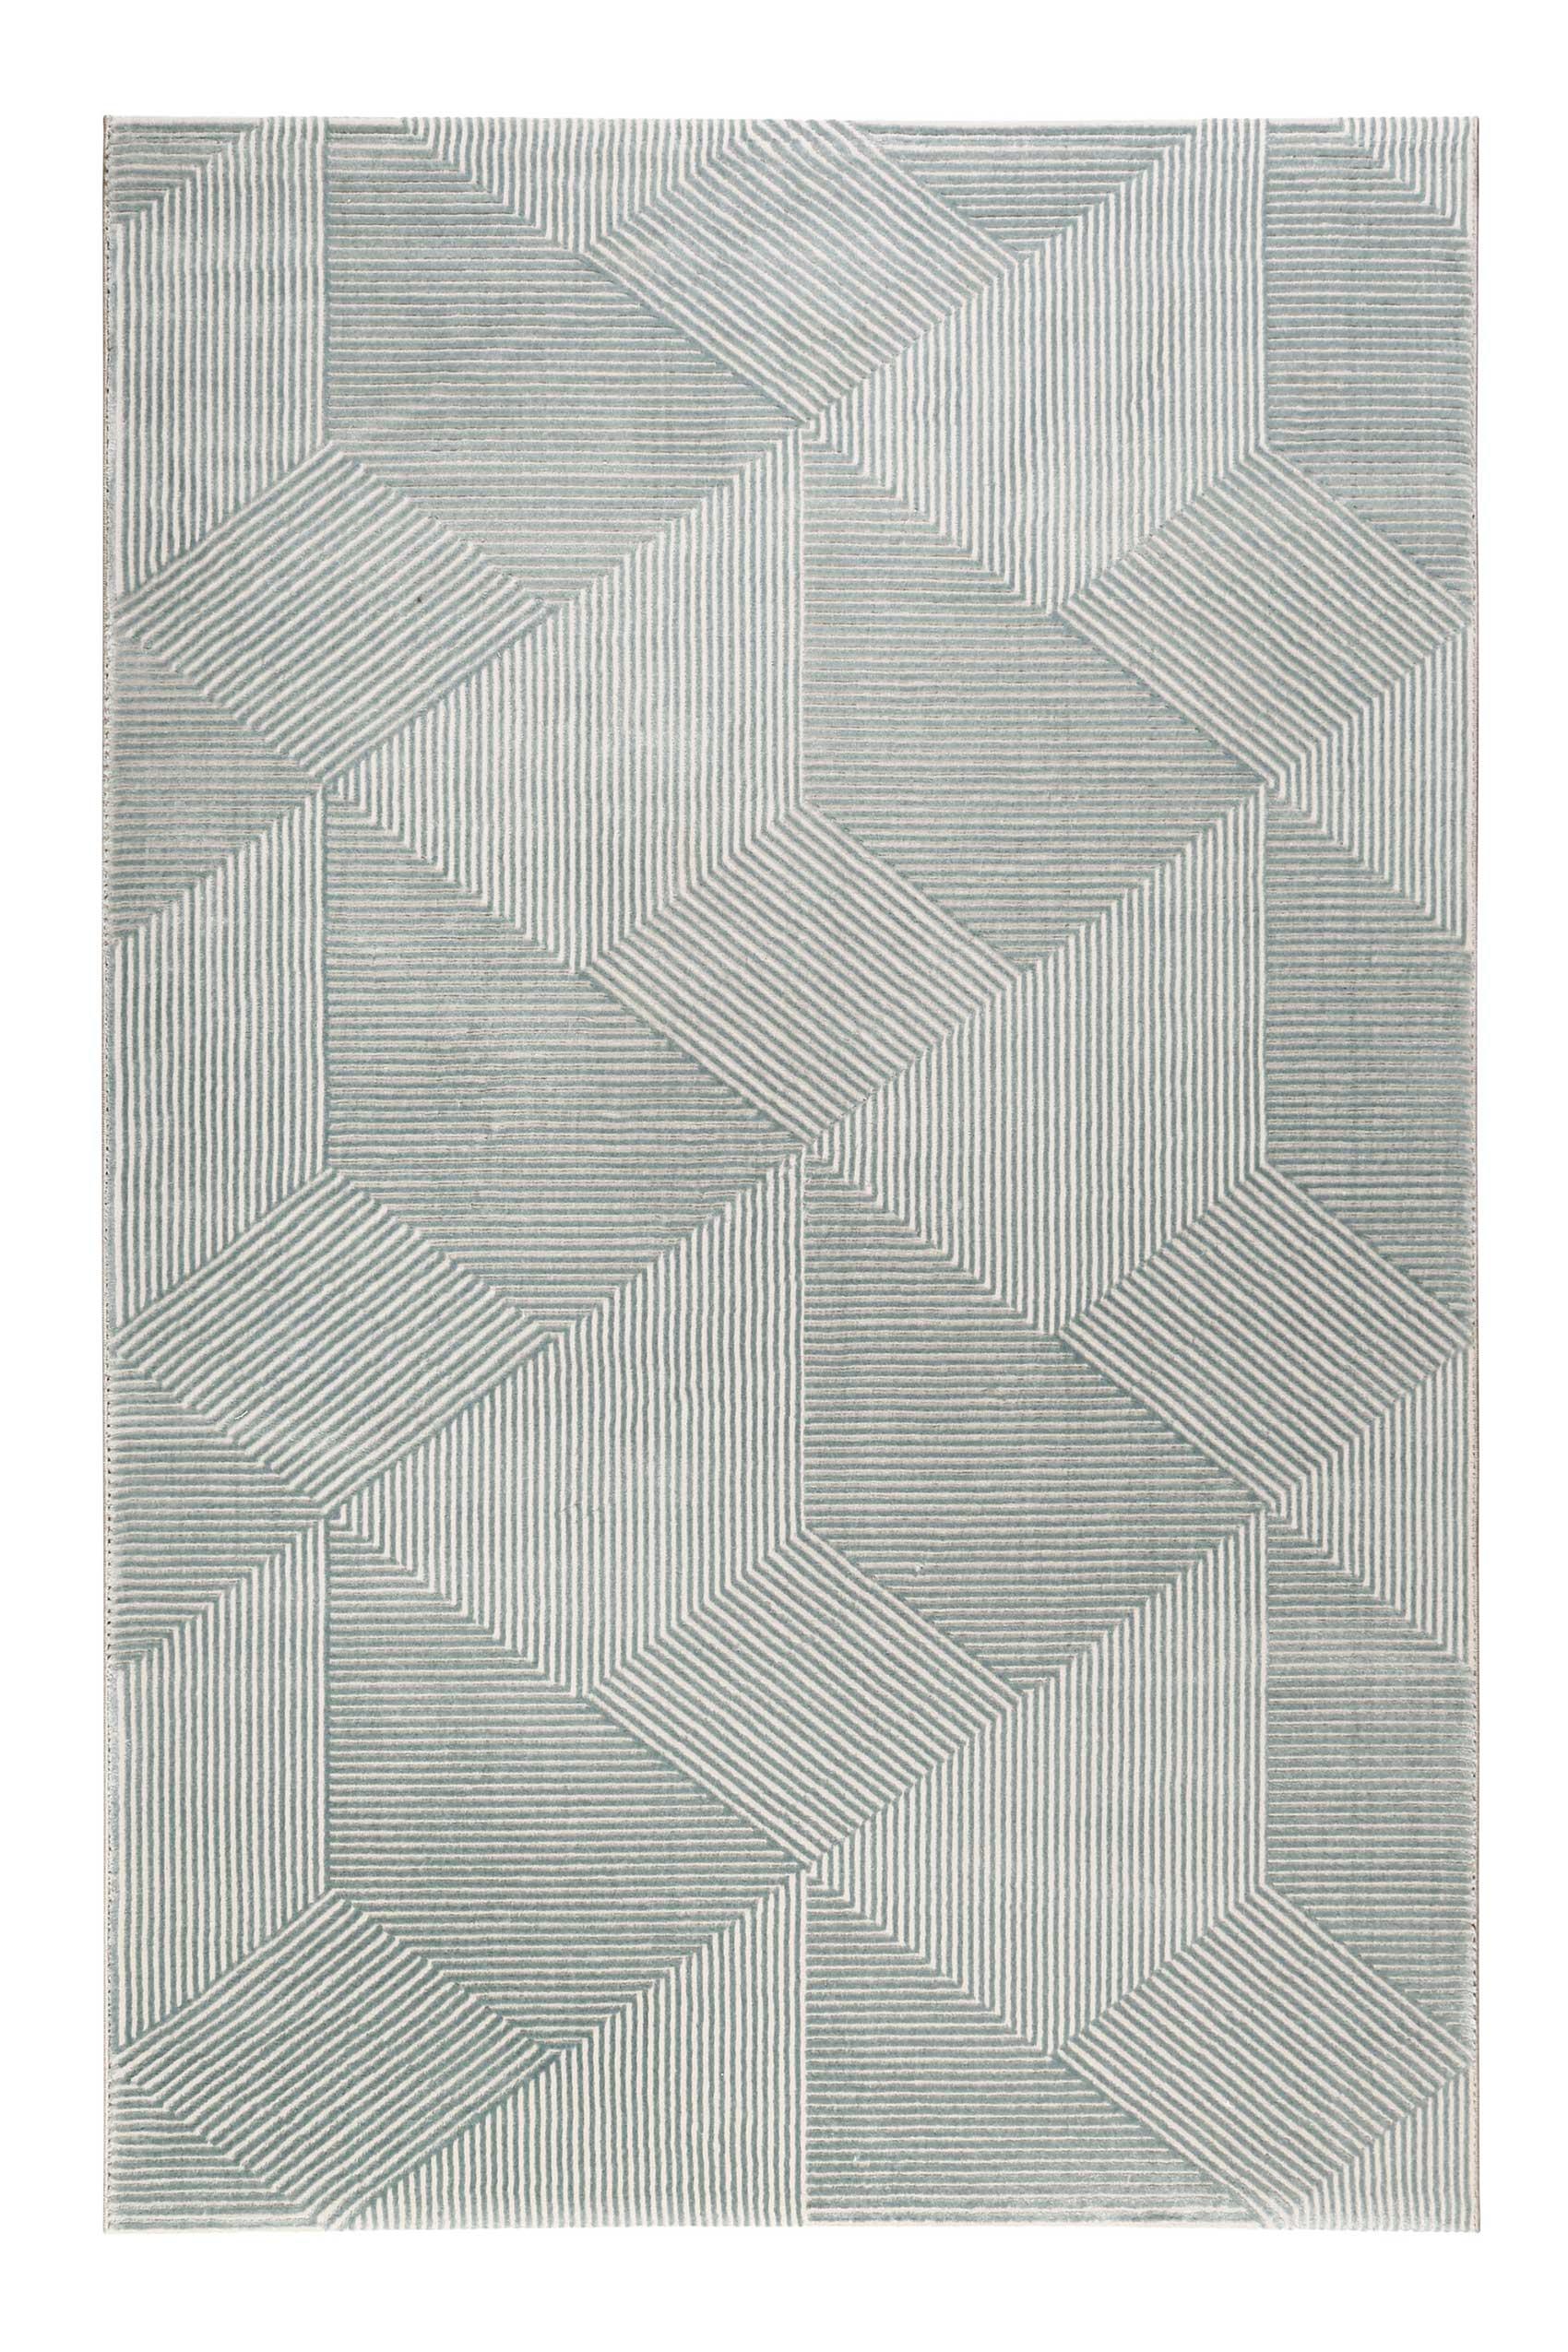 Tapis motif géométrique relief vert beige 170x120